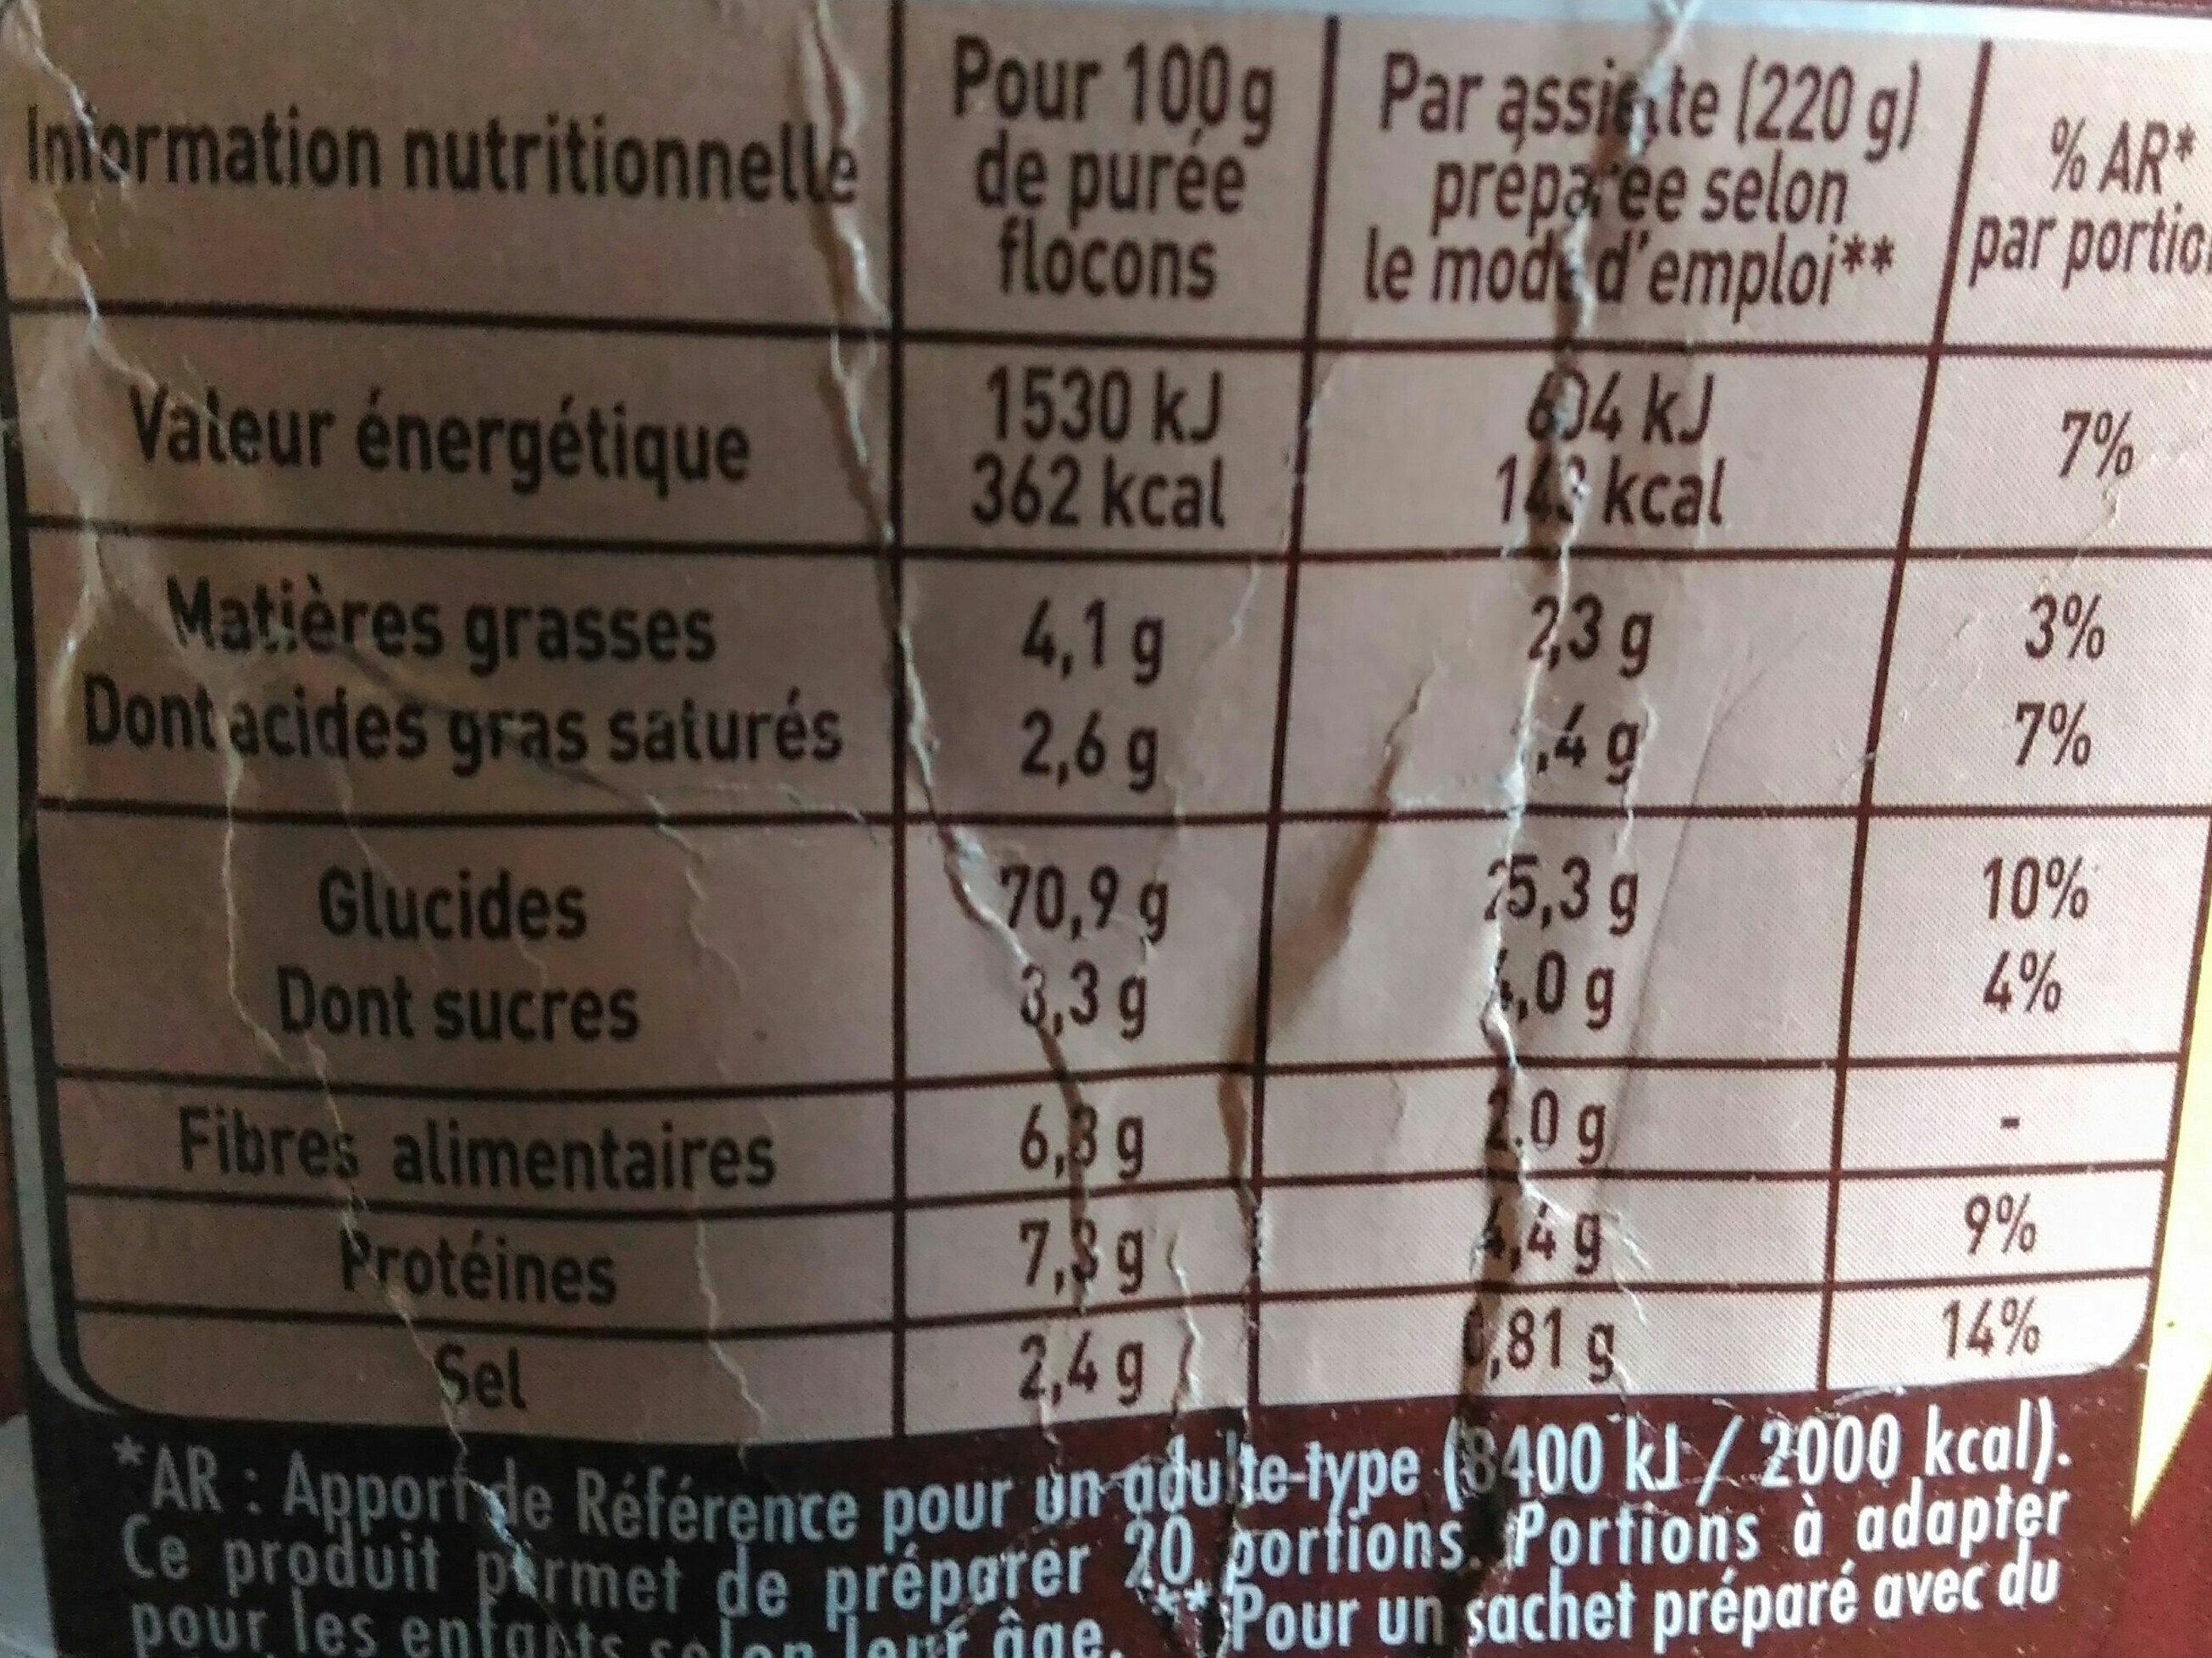 Purée en flocons de Pommes de terre, crème & noix muscade Mousline - Voedingswaarden - fr